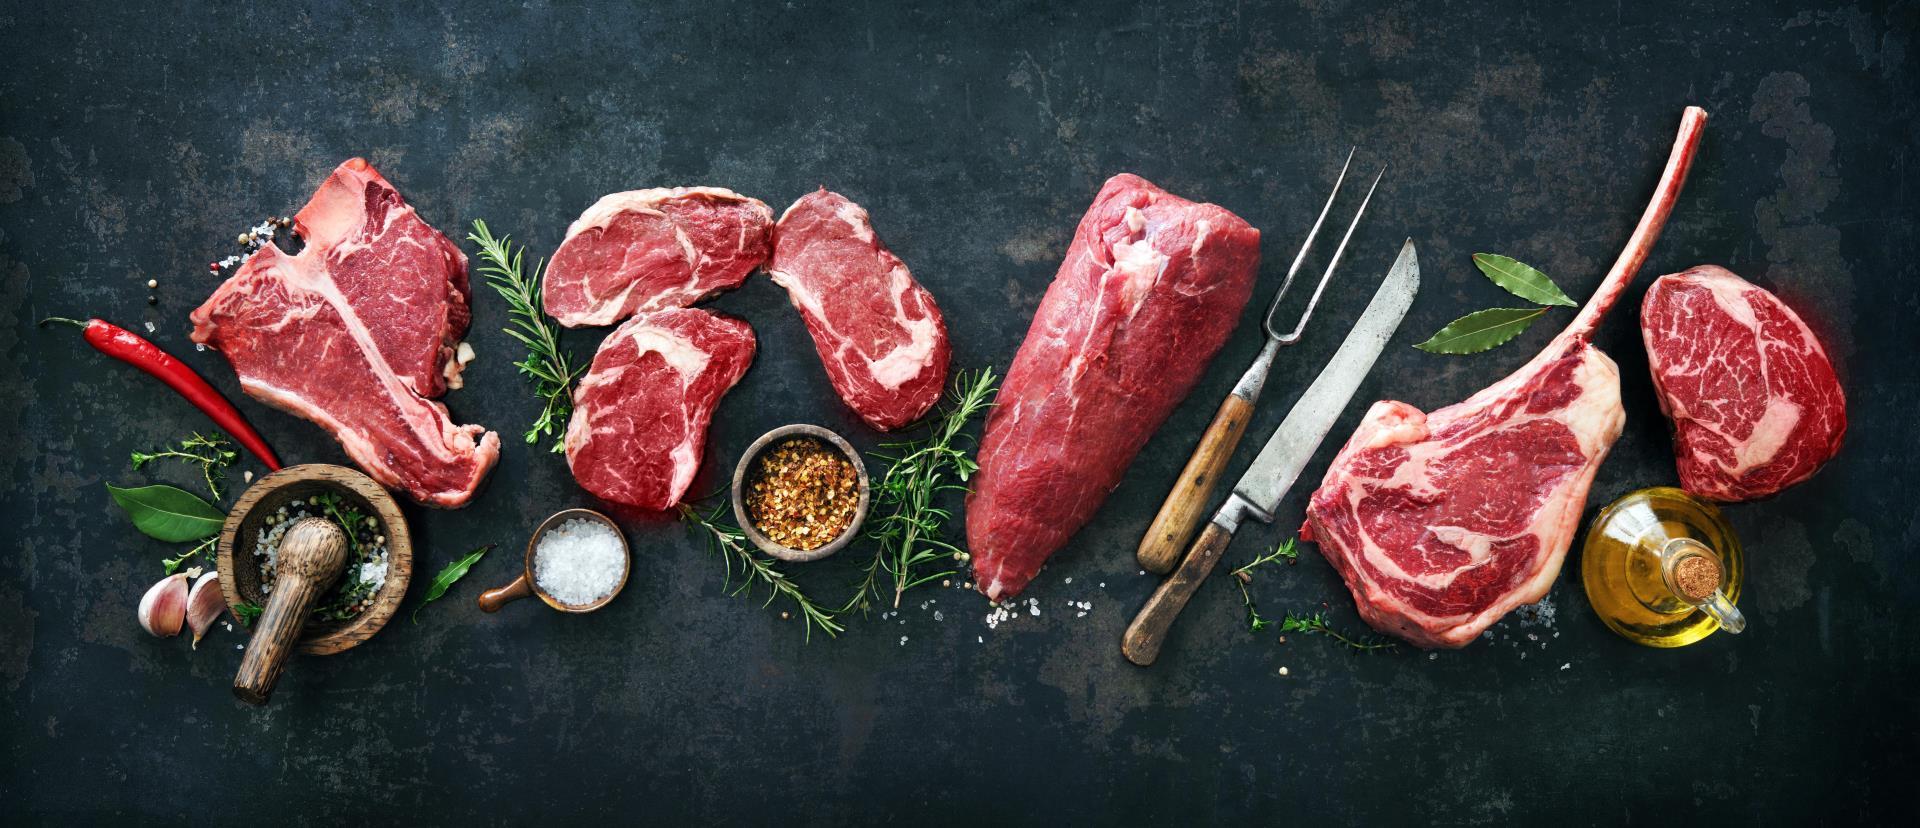 online butcher melbourne